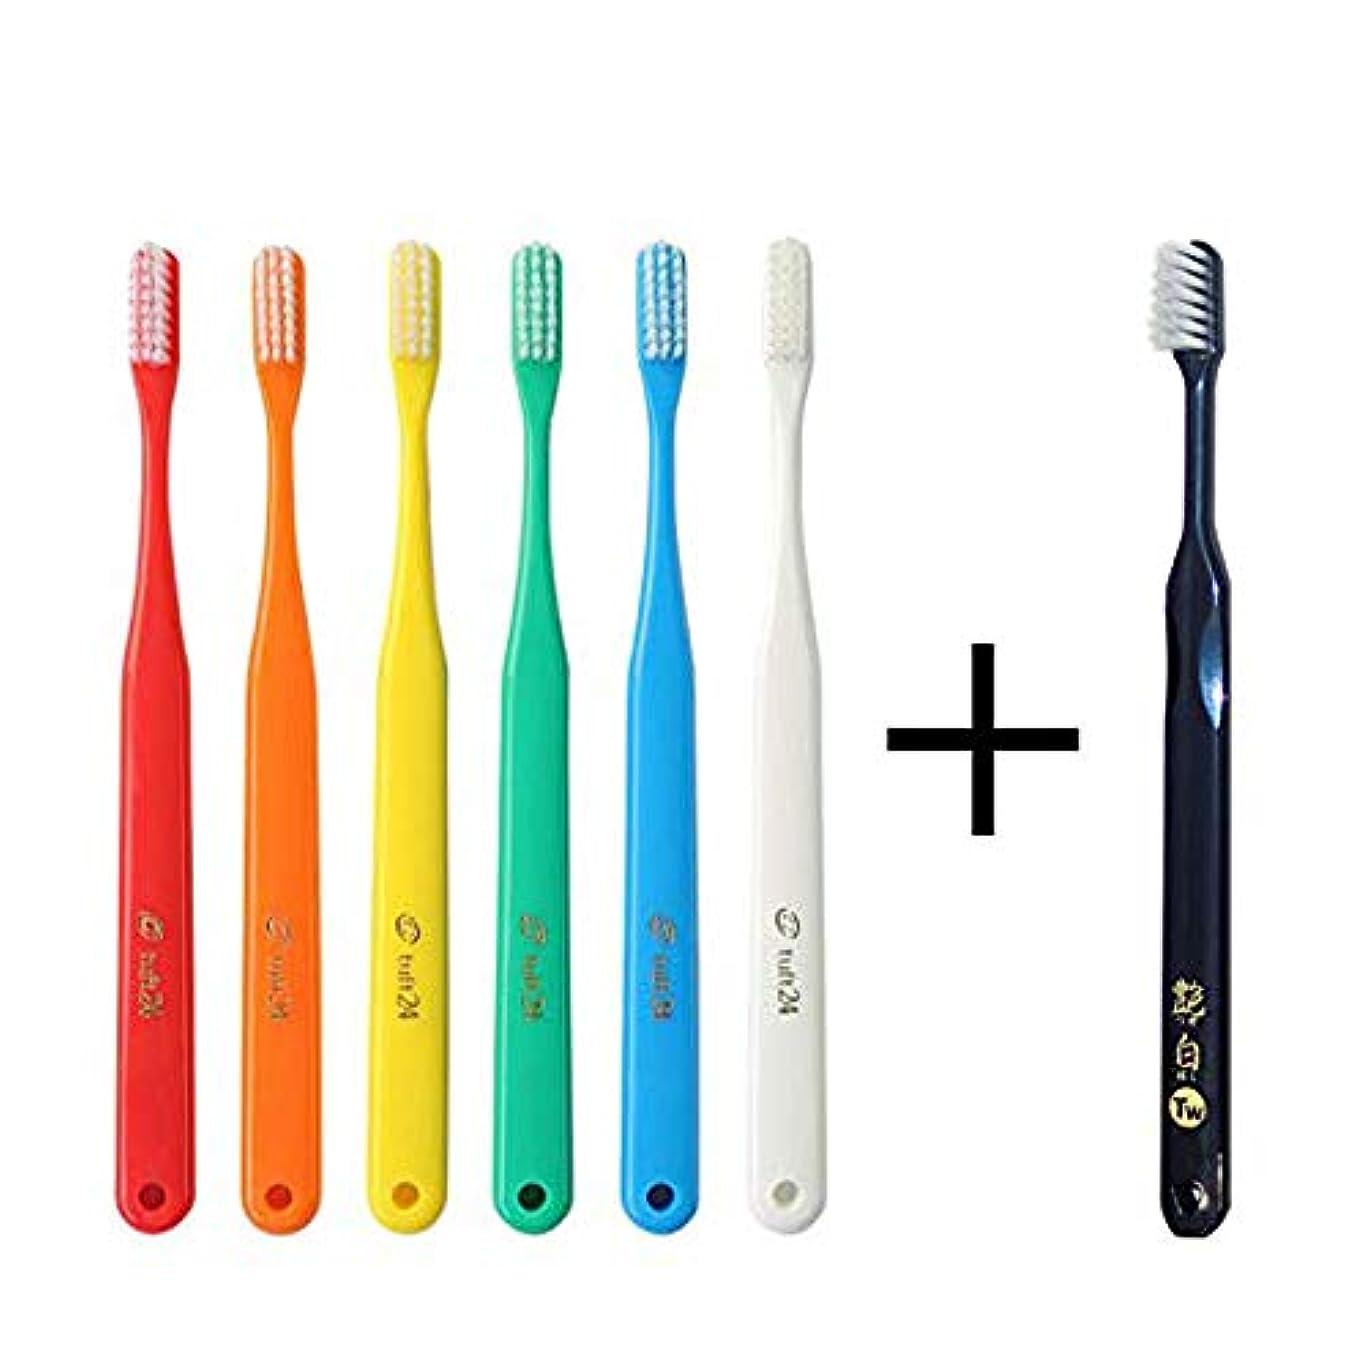 アマゾンジャングル言語学ヒットタフト24 歯ブラシ × 10本 (S) キャップなし + 艶白ツイン ハブラシ×1本(S やわらかめ) むし歯予防 歯科専売